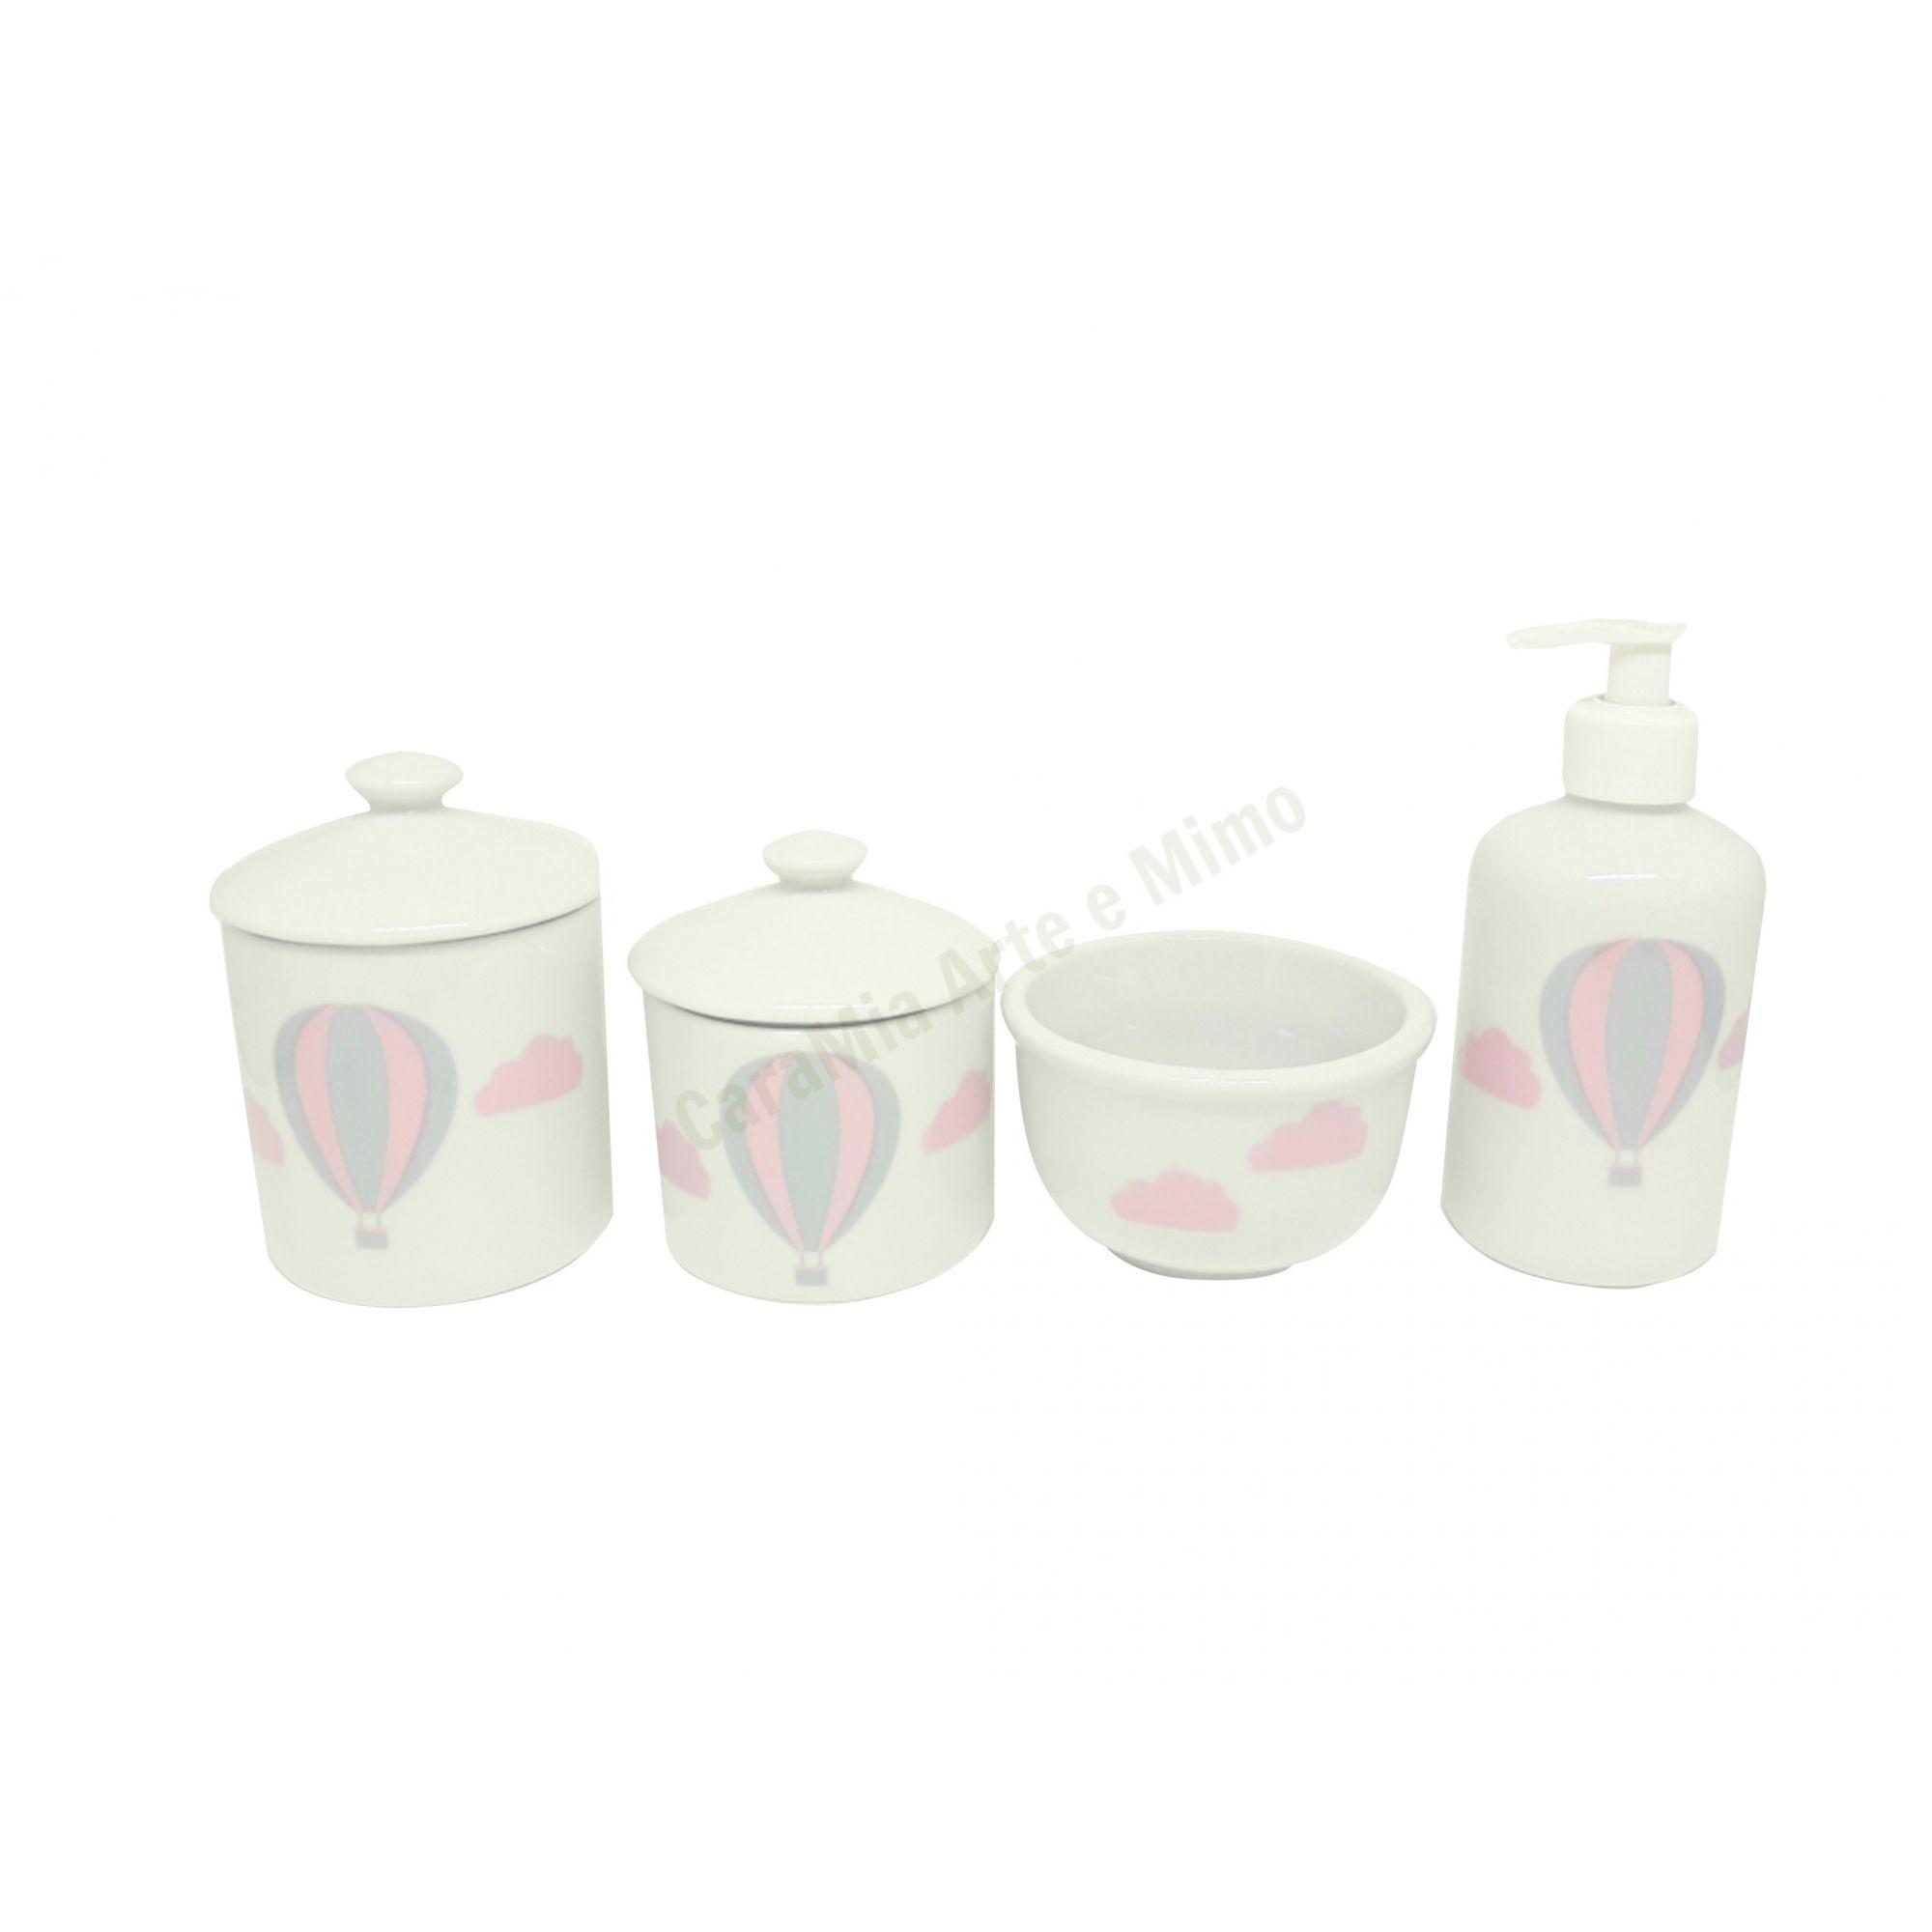 Kit Higiene Bebê Porcelana Balão E Nuvem Rosa |4 peças